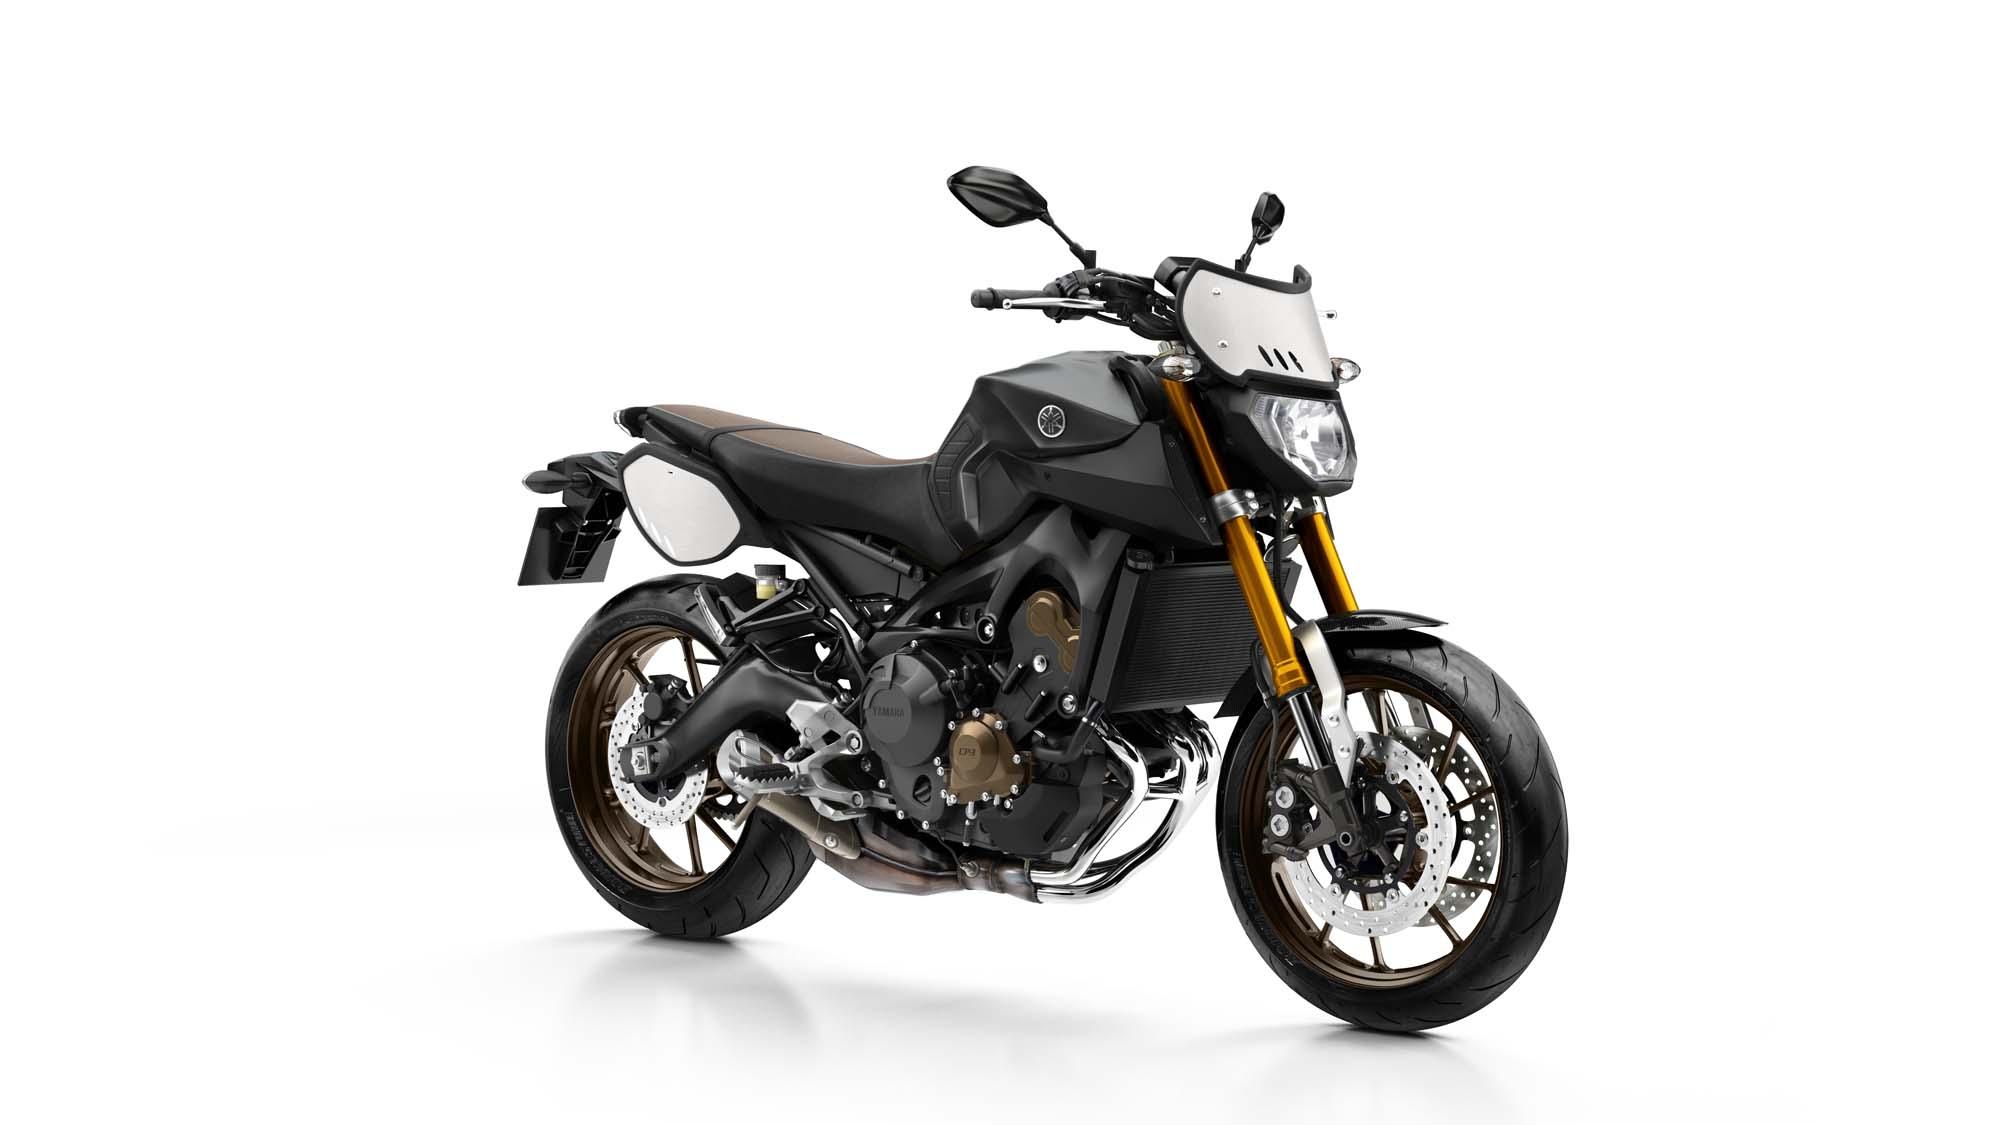 gebrauchte und neue yamaha mt 09 sport tracker motorr der. Black Bedroom Furniture Sets. Home Design Ideas